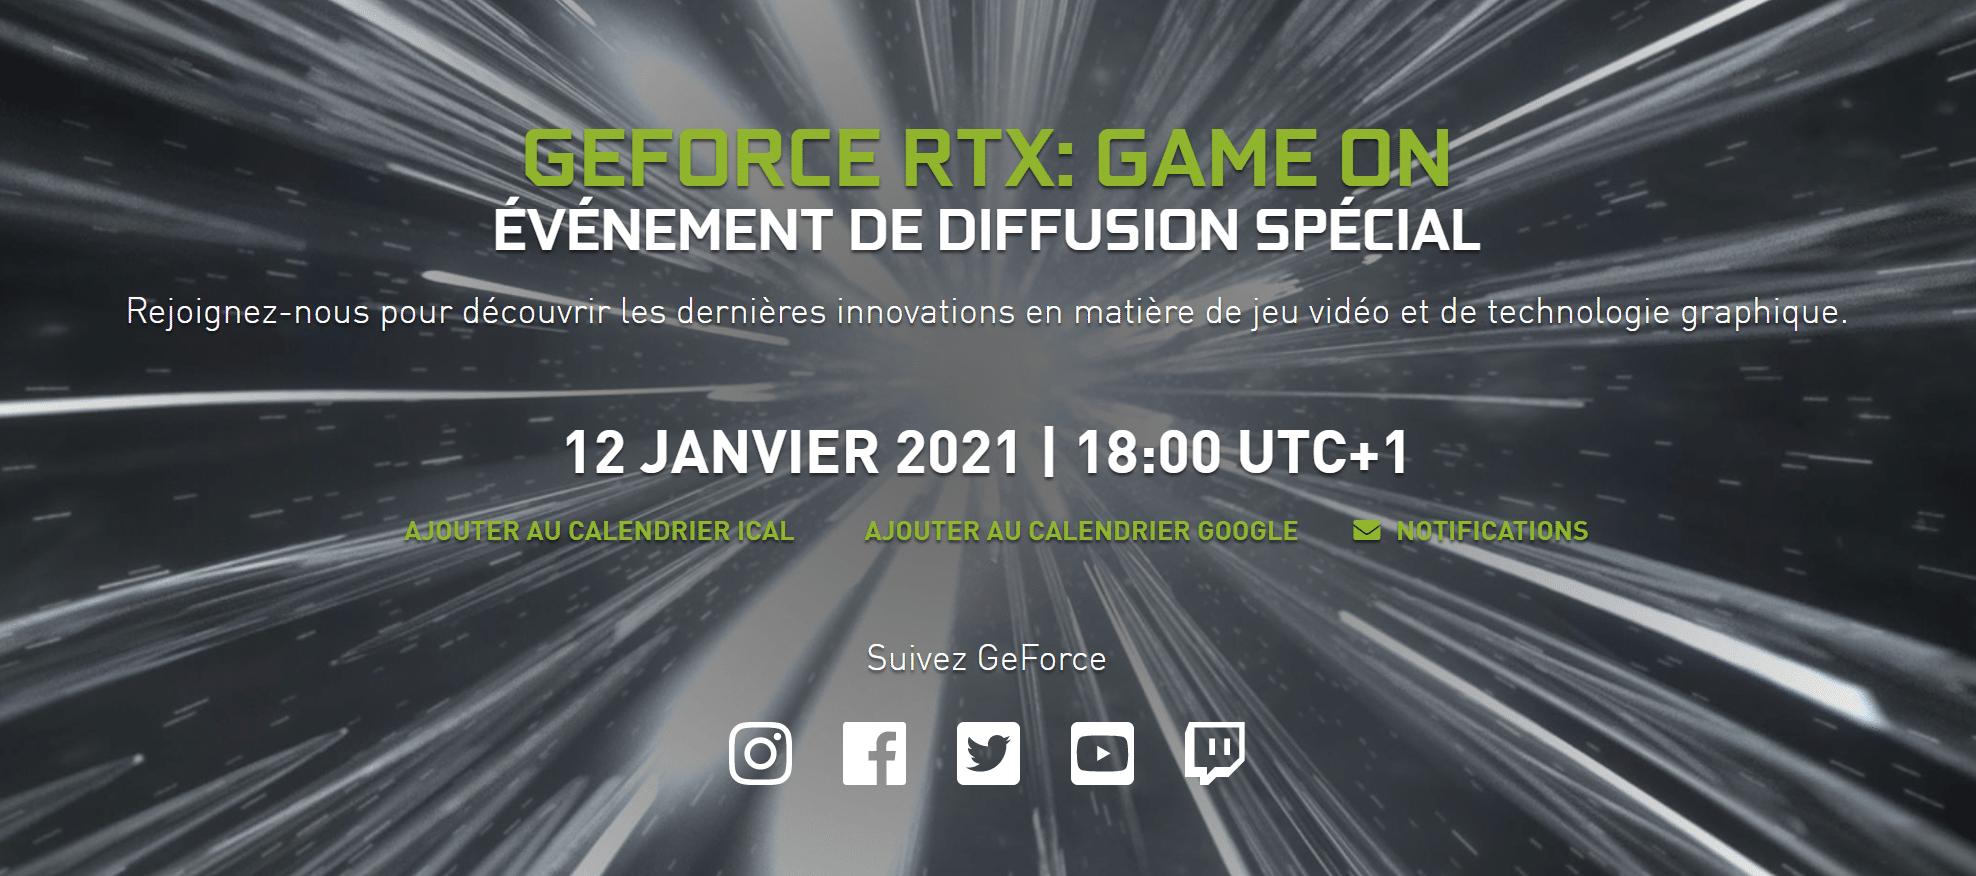 12 janvier 2021 Nvidia dévoile ses GeForce RTX 3000 pour PC portable gamer